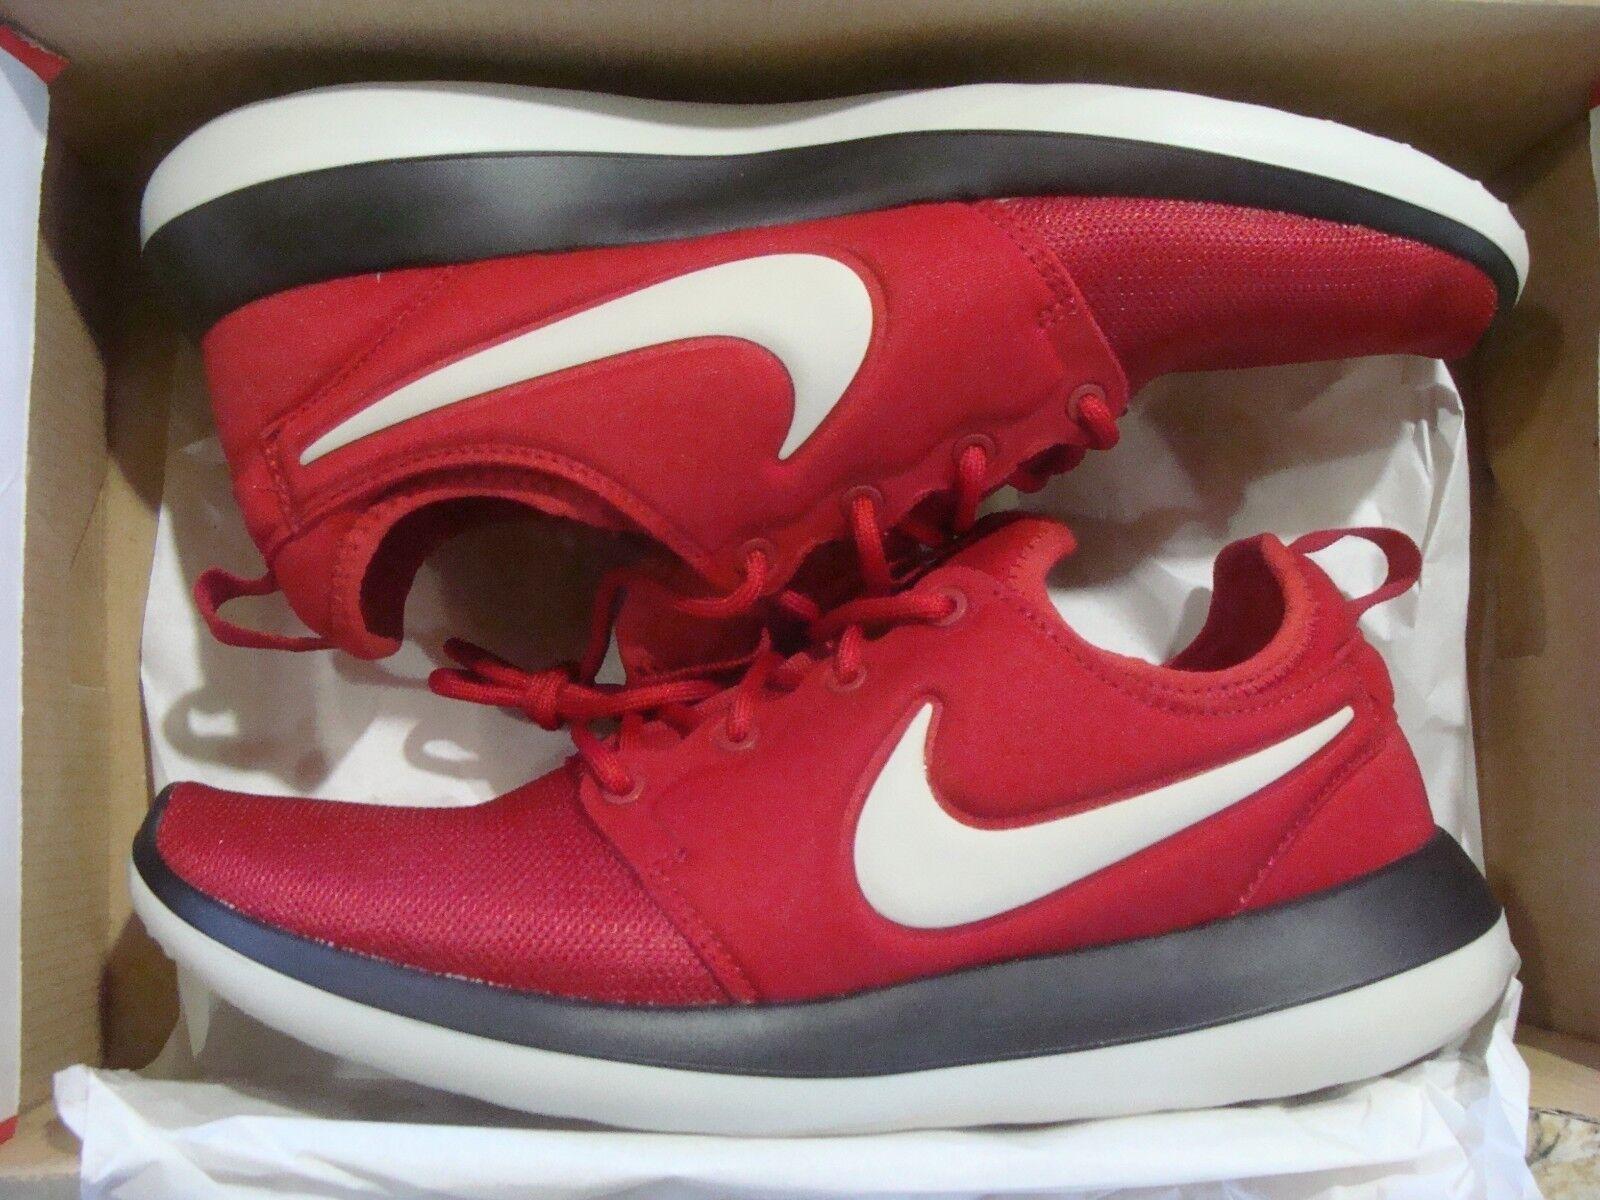 Los hombres de Nike 602 - Roshe dos 844656 602 Nike tamaño 7 ~ 14 465d66